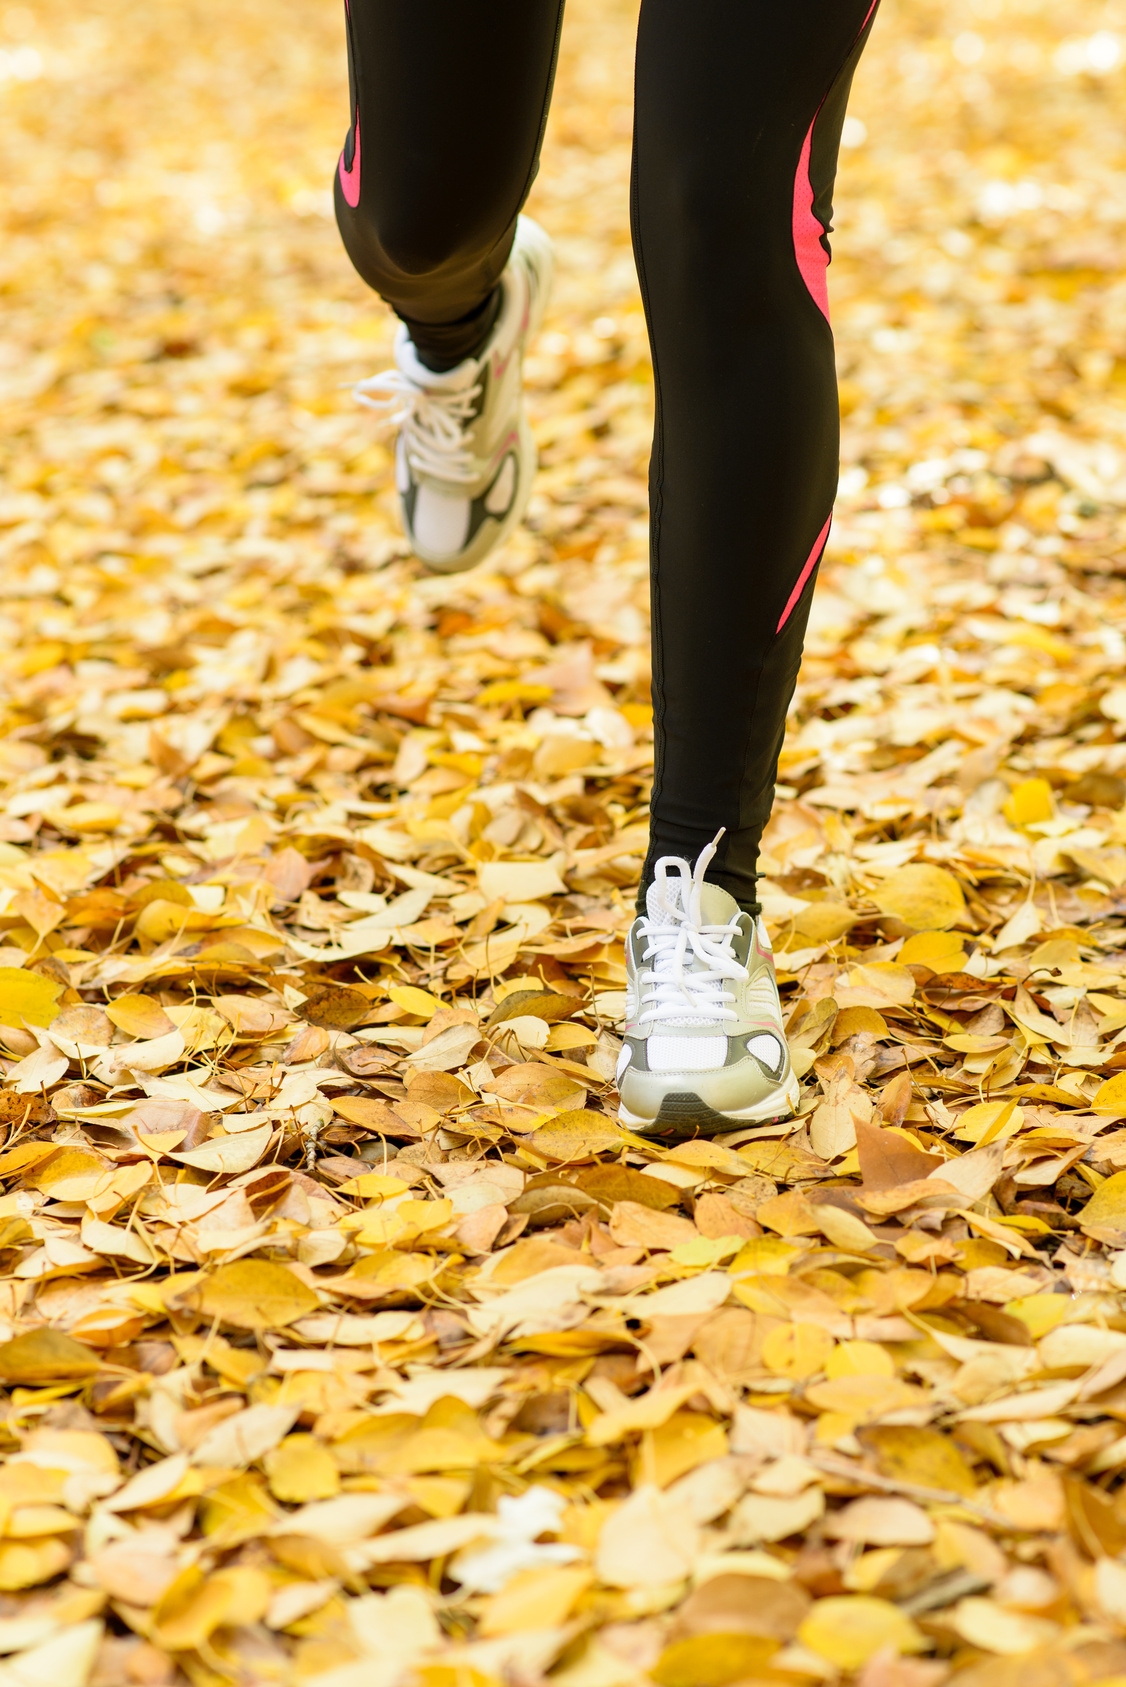 Πρέπει να τρέχω κάθε μέρα;